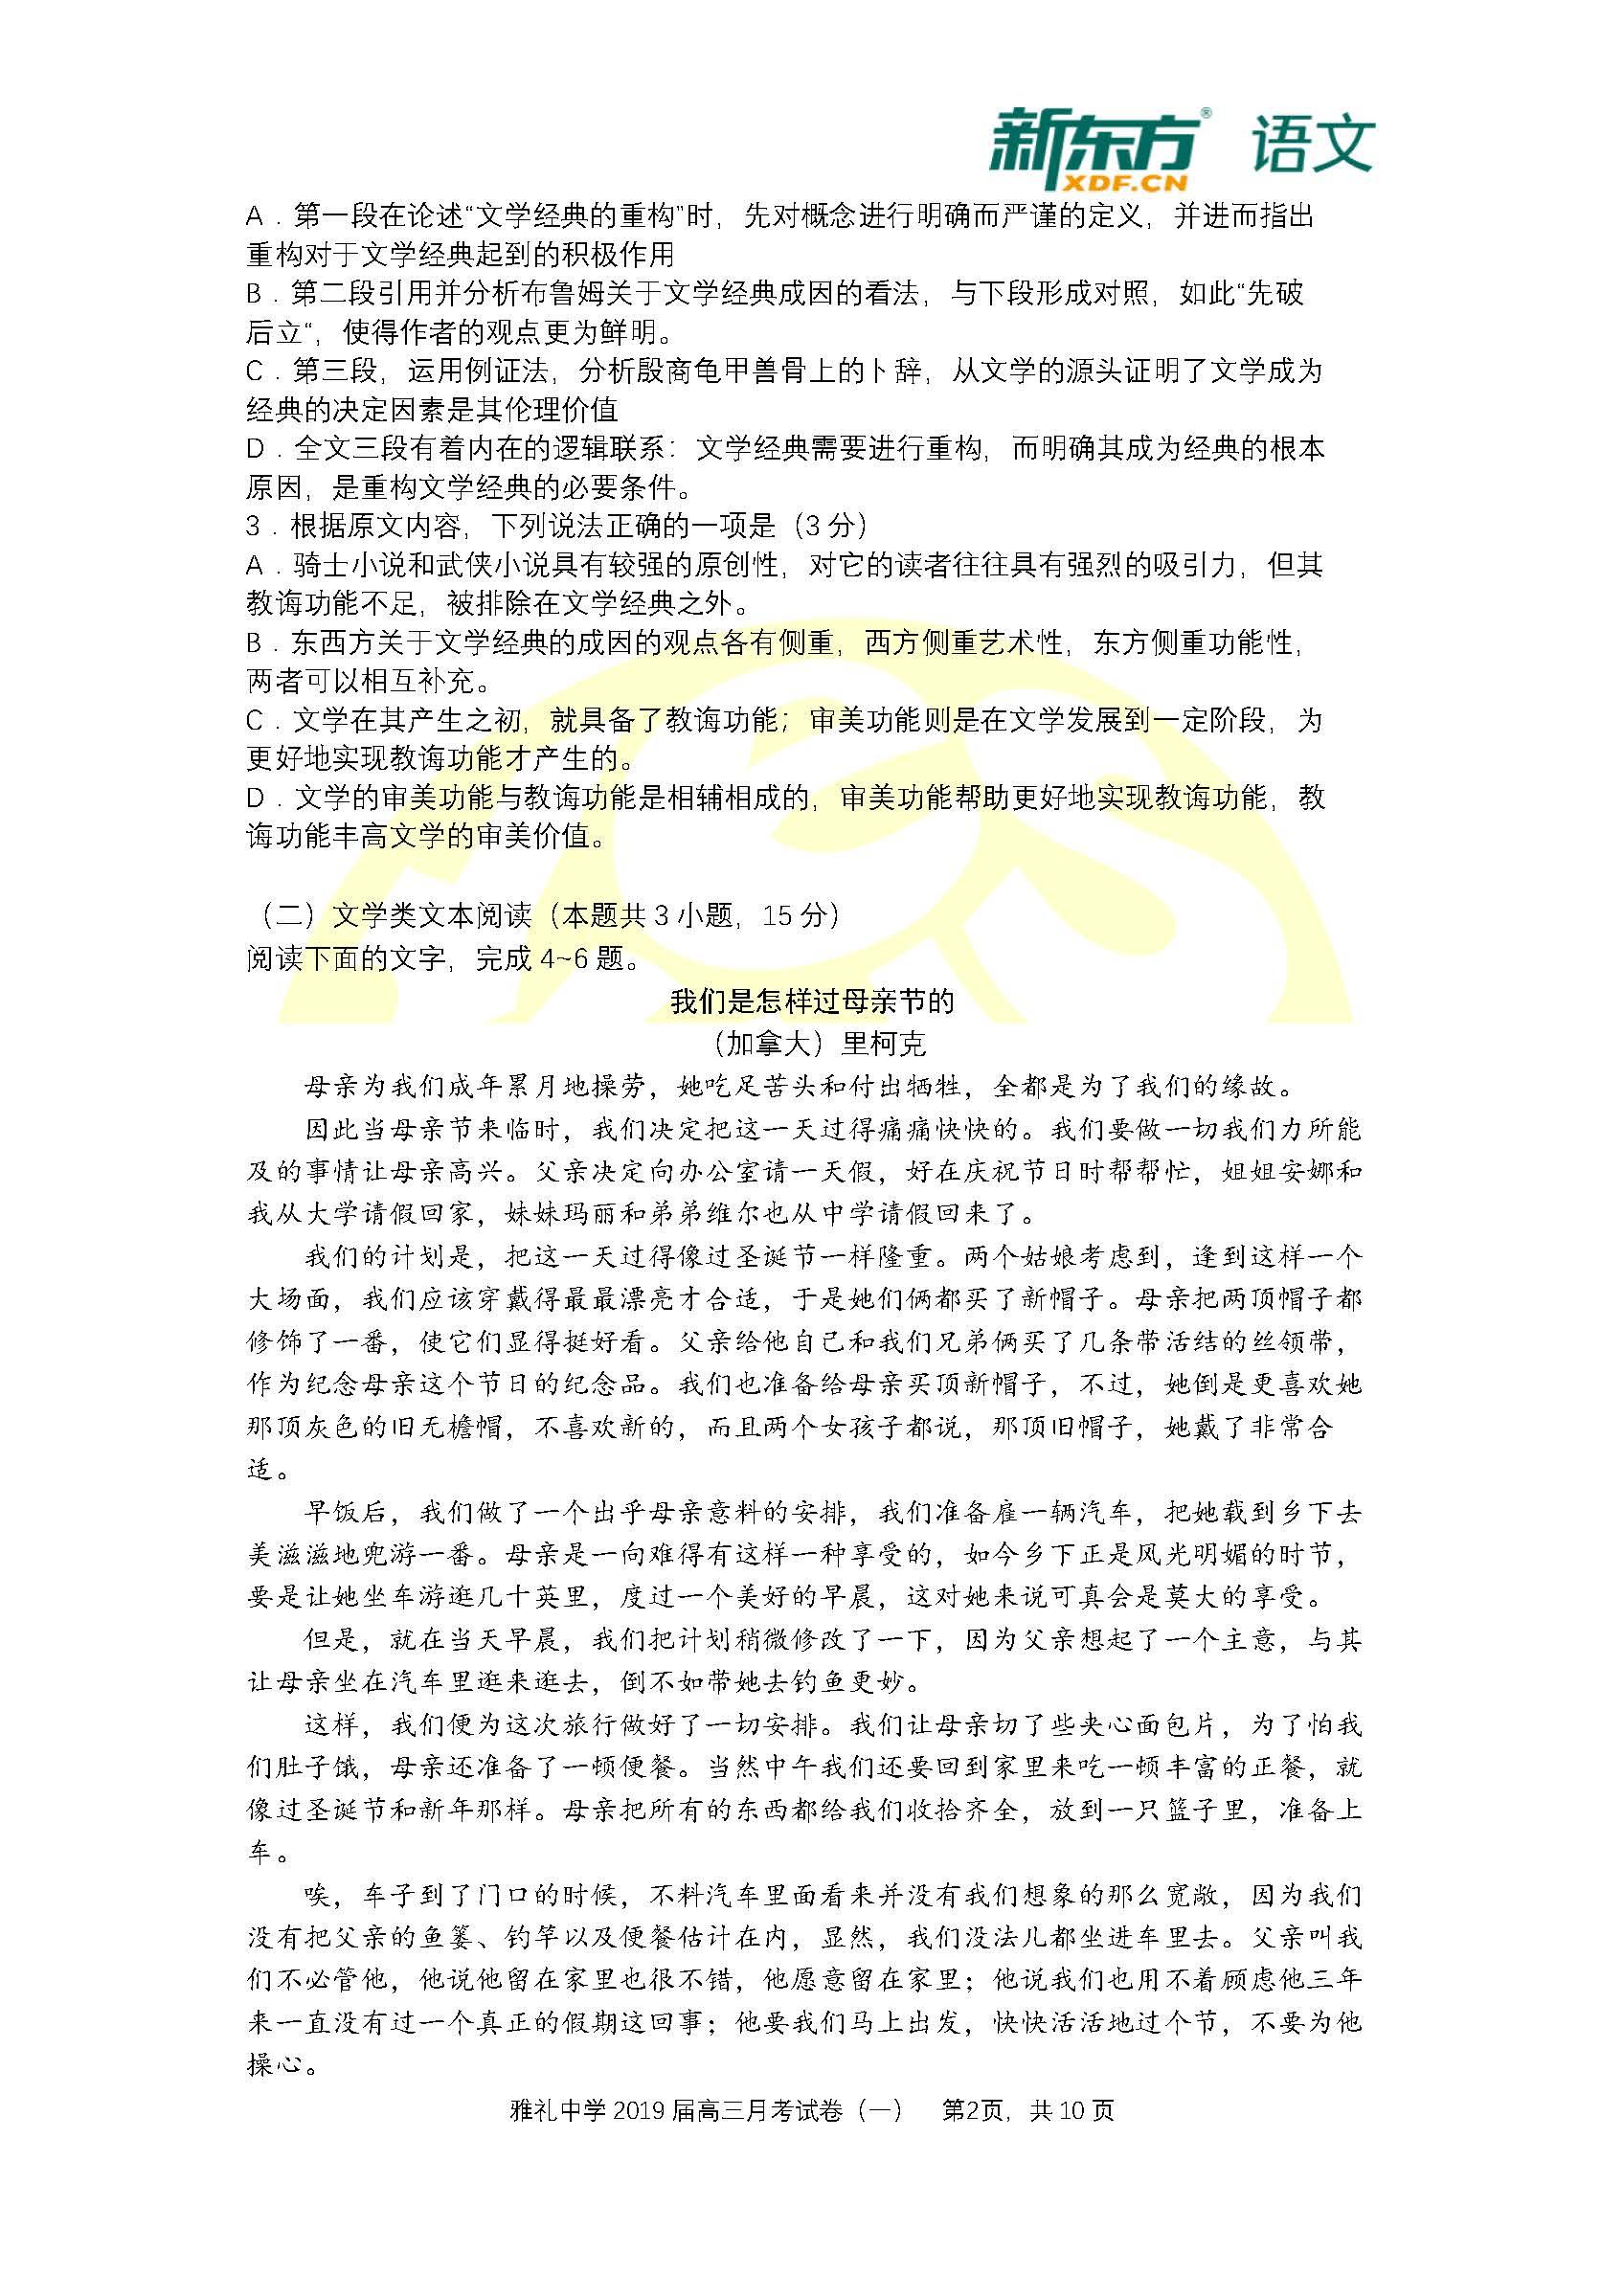 2019届雅礼中学高三月考语文试卷